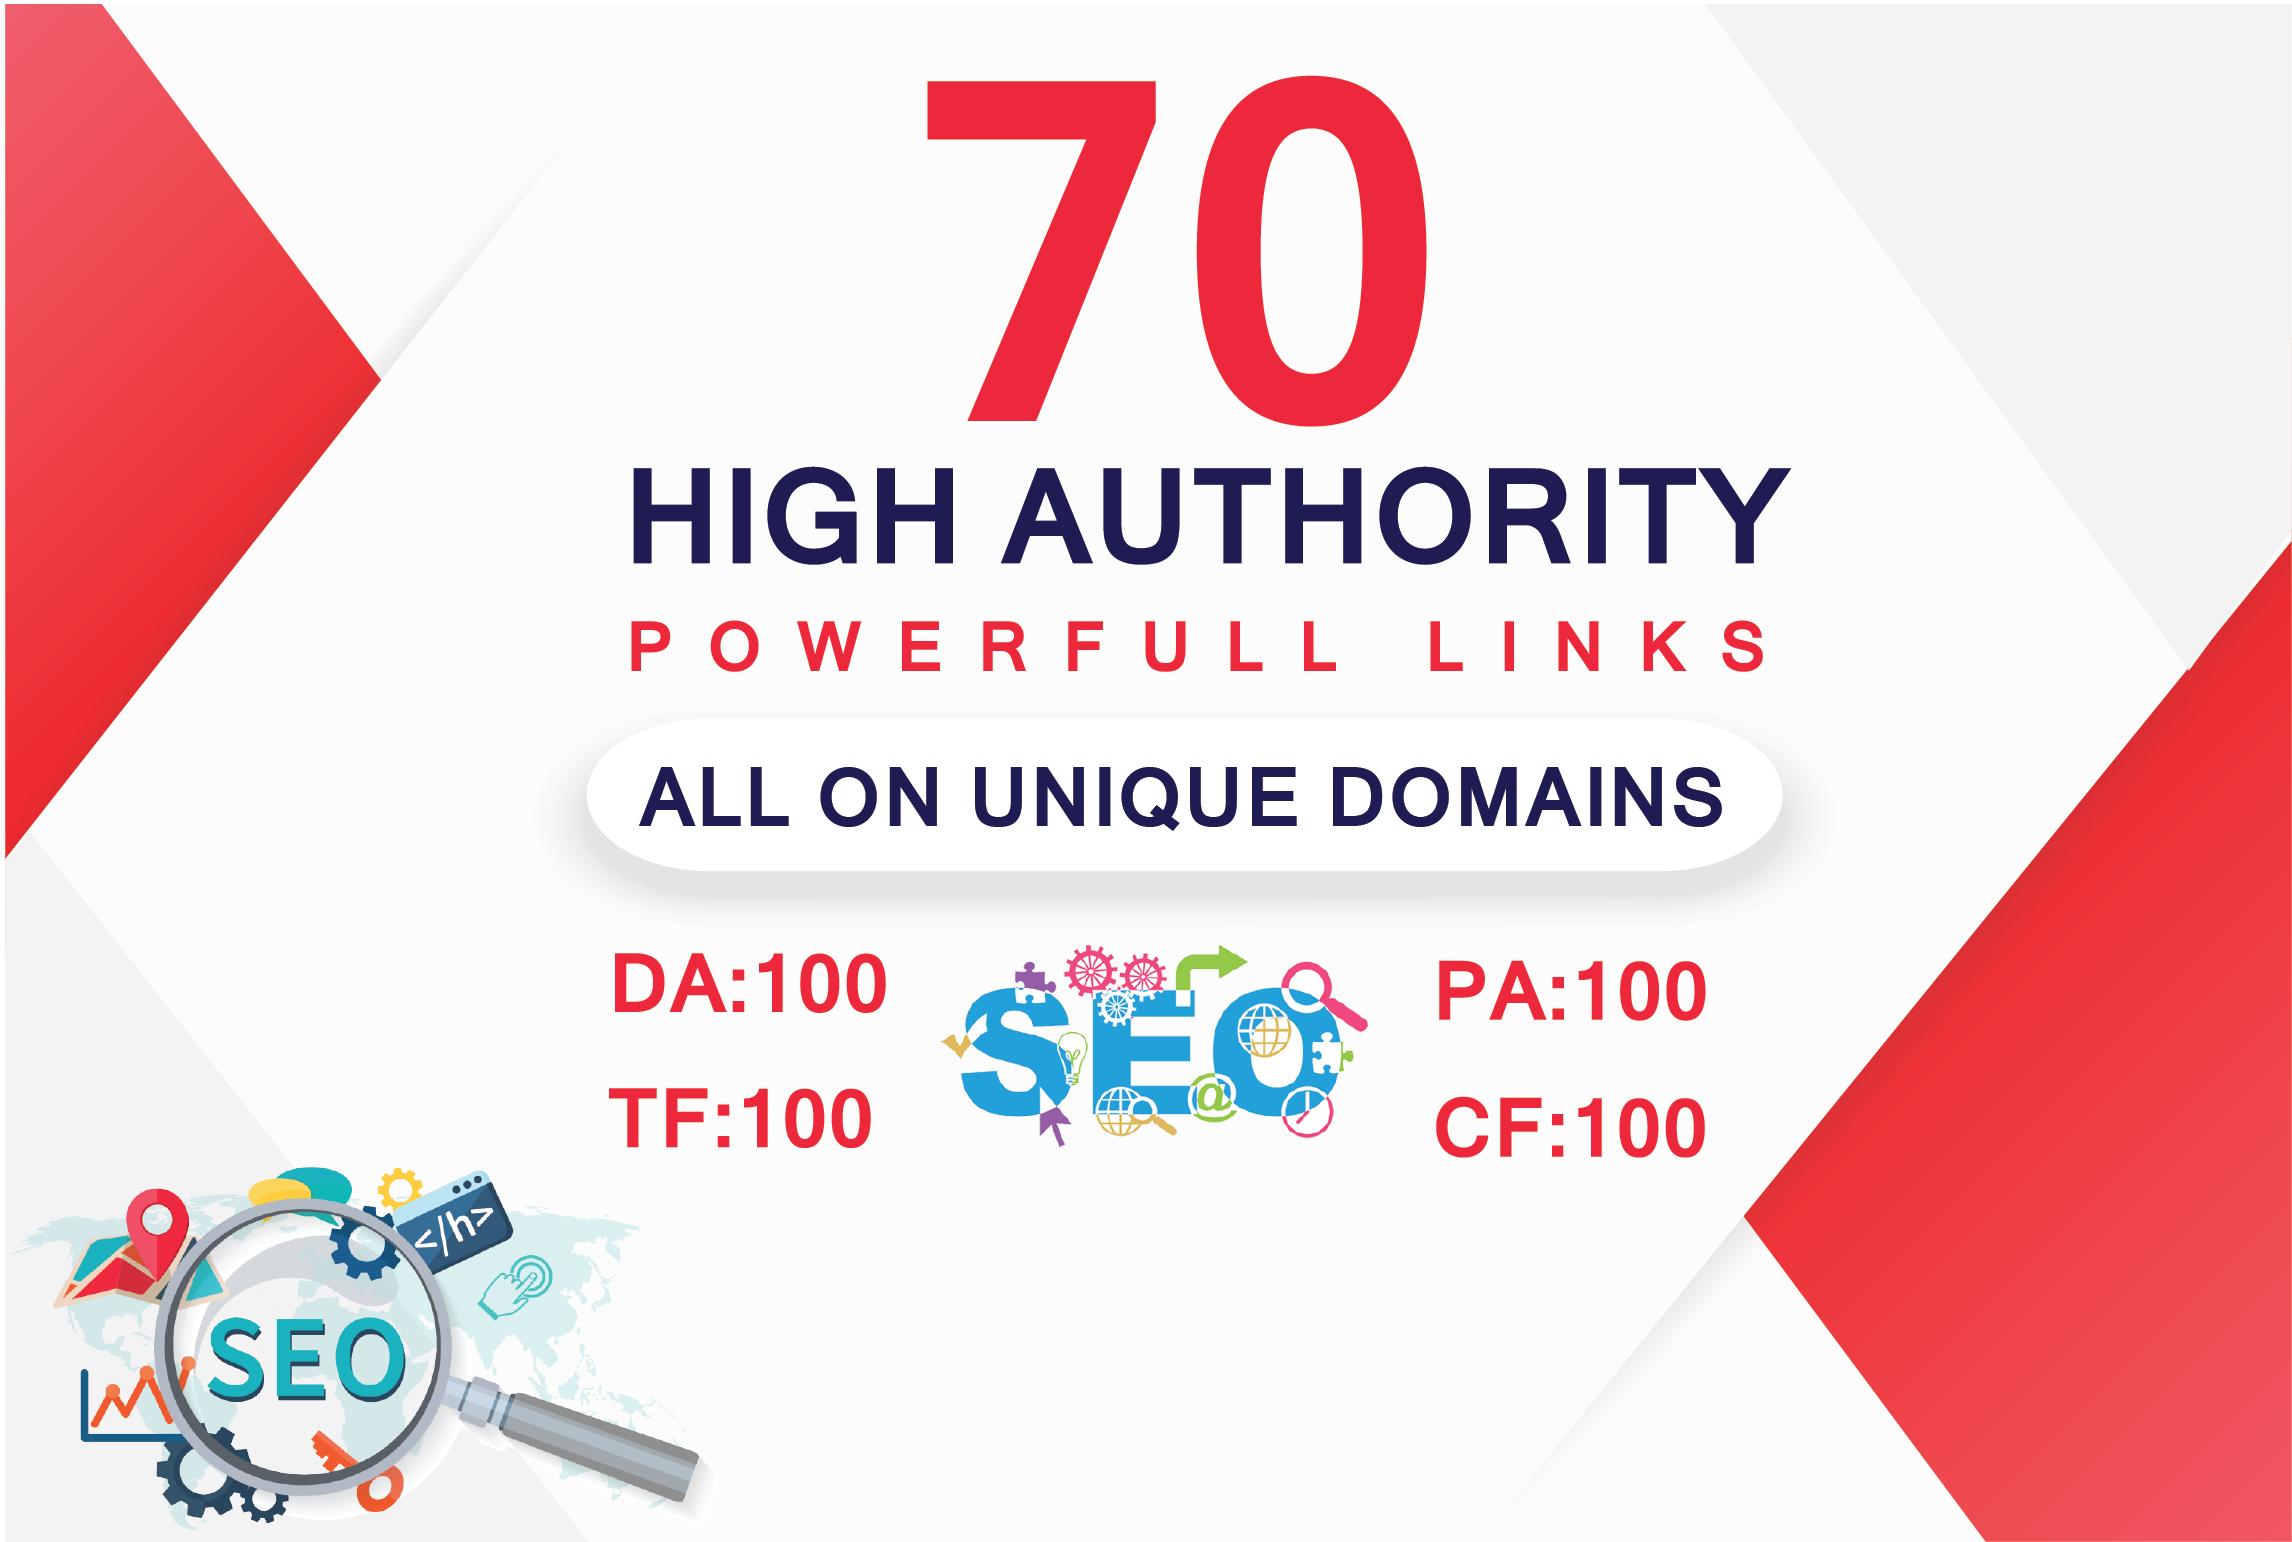 I will do 70 uinque domain dofollow backlinks with da 100